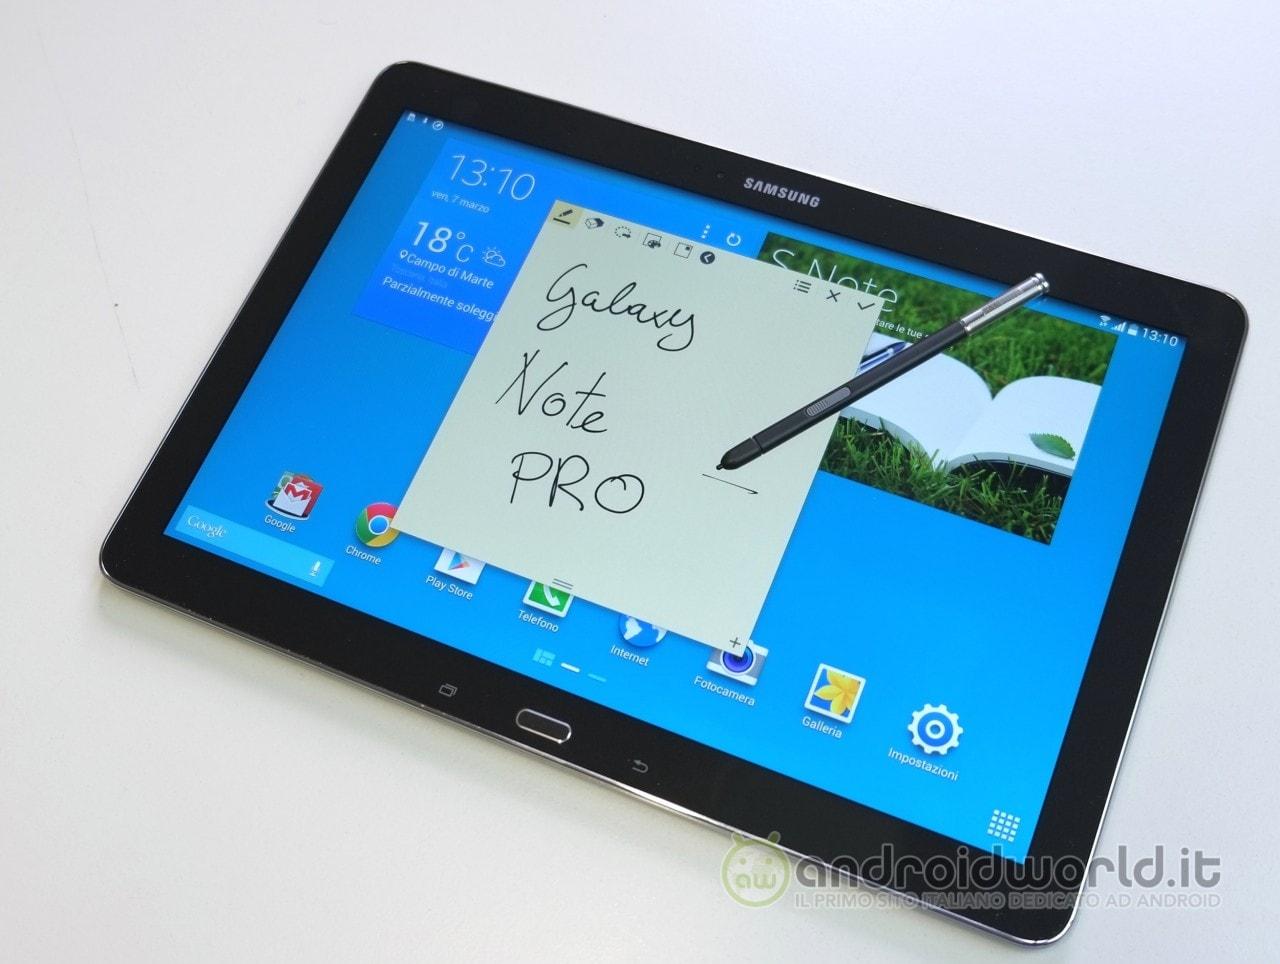 Samsung al lavoro su nuovi tablet della serie Galaxy Tab e Galaxy Note (PRO)